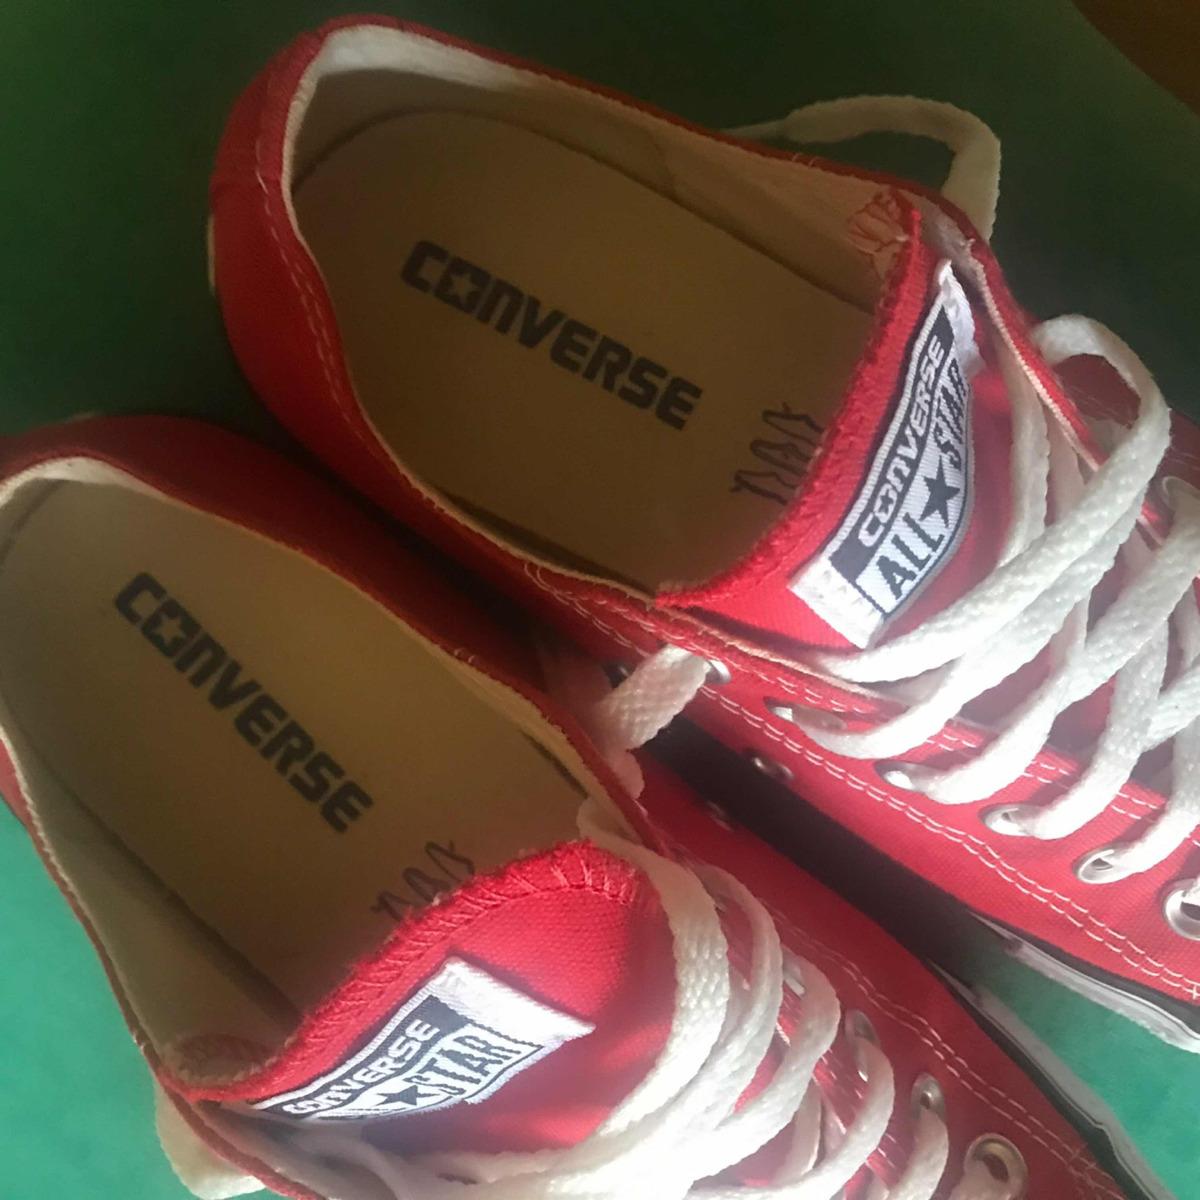 6544f89f4a5 zapatillas all star converse talle 39 originales nuevas. Cargando zoom.